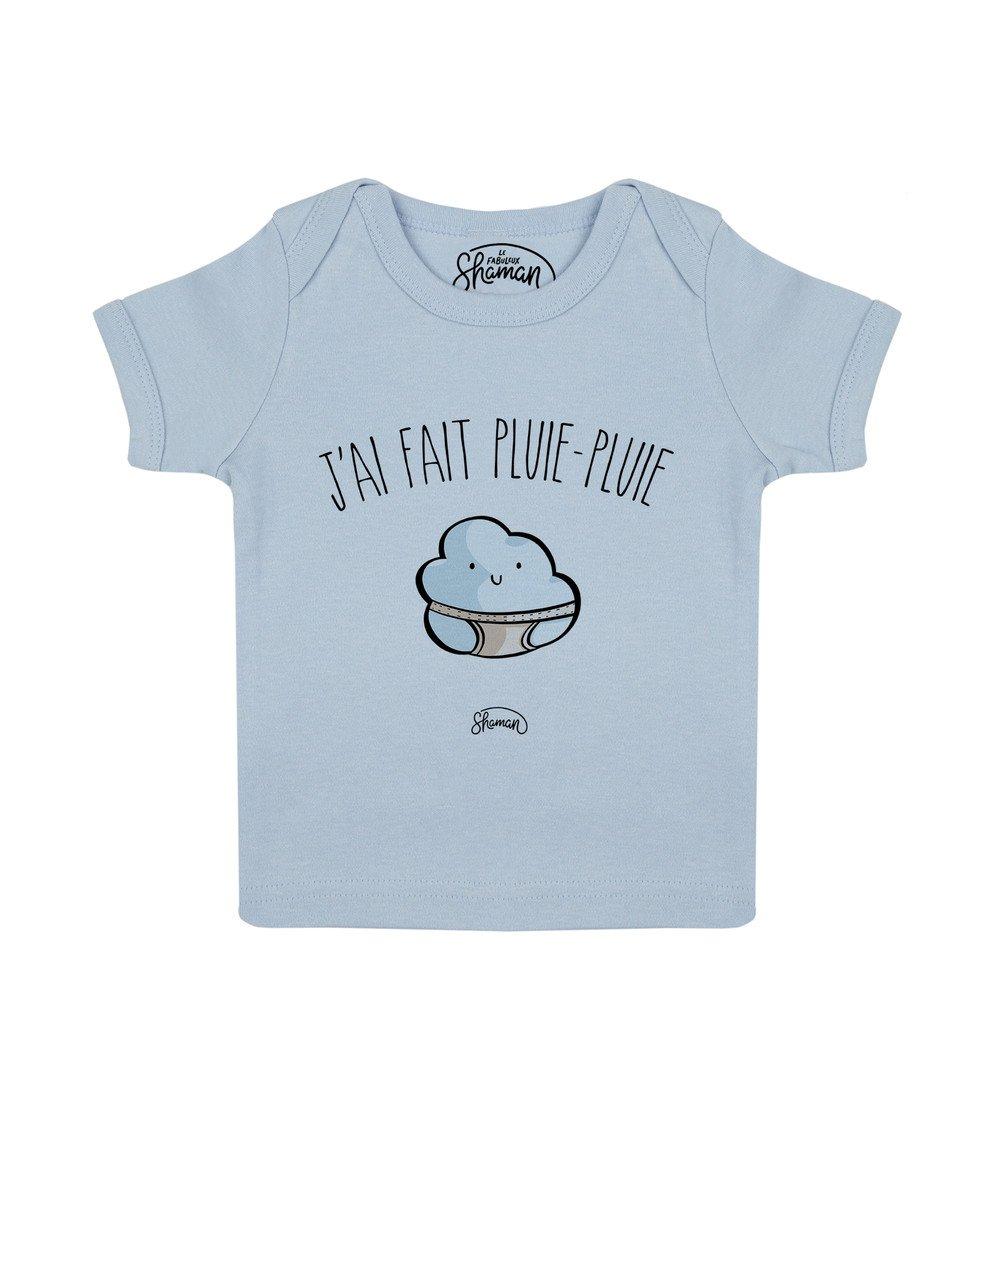 Tee shirt Pluie-pluie